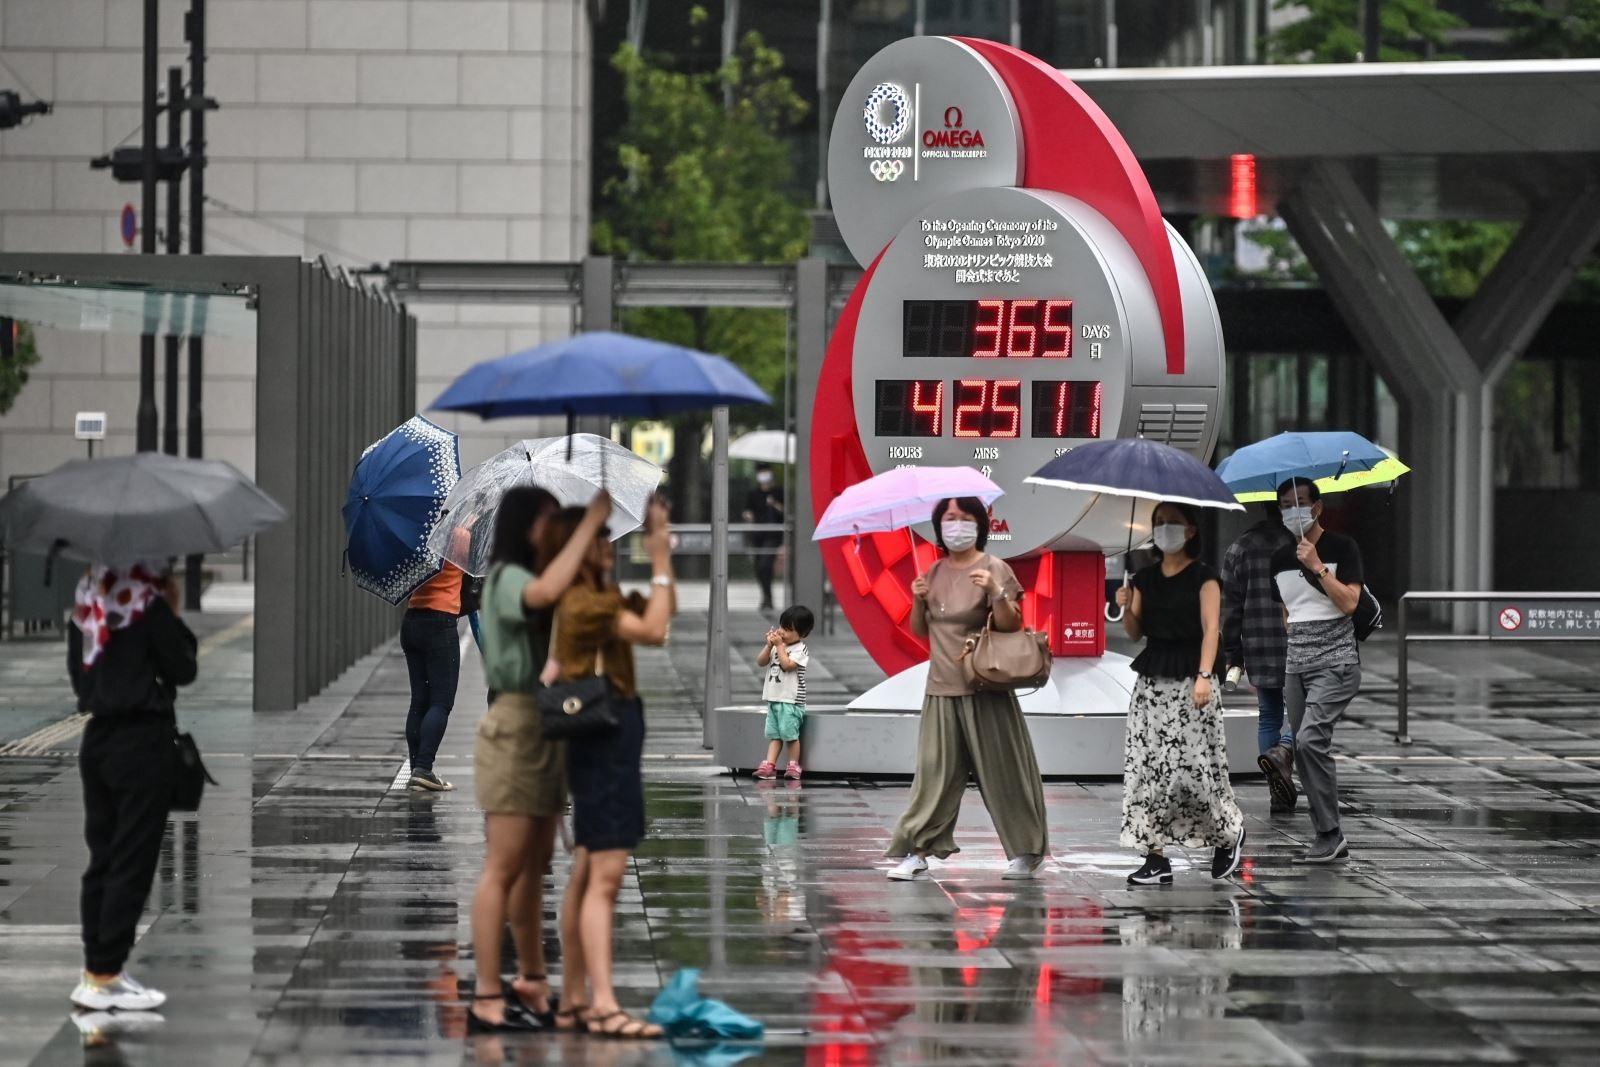 Hãng đồng hồ nổi tiếng Omega mang đến nhiều công nghệ mới tại Olympic Tokyo 2020. Ảnh: AFP